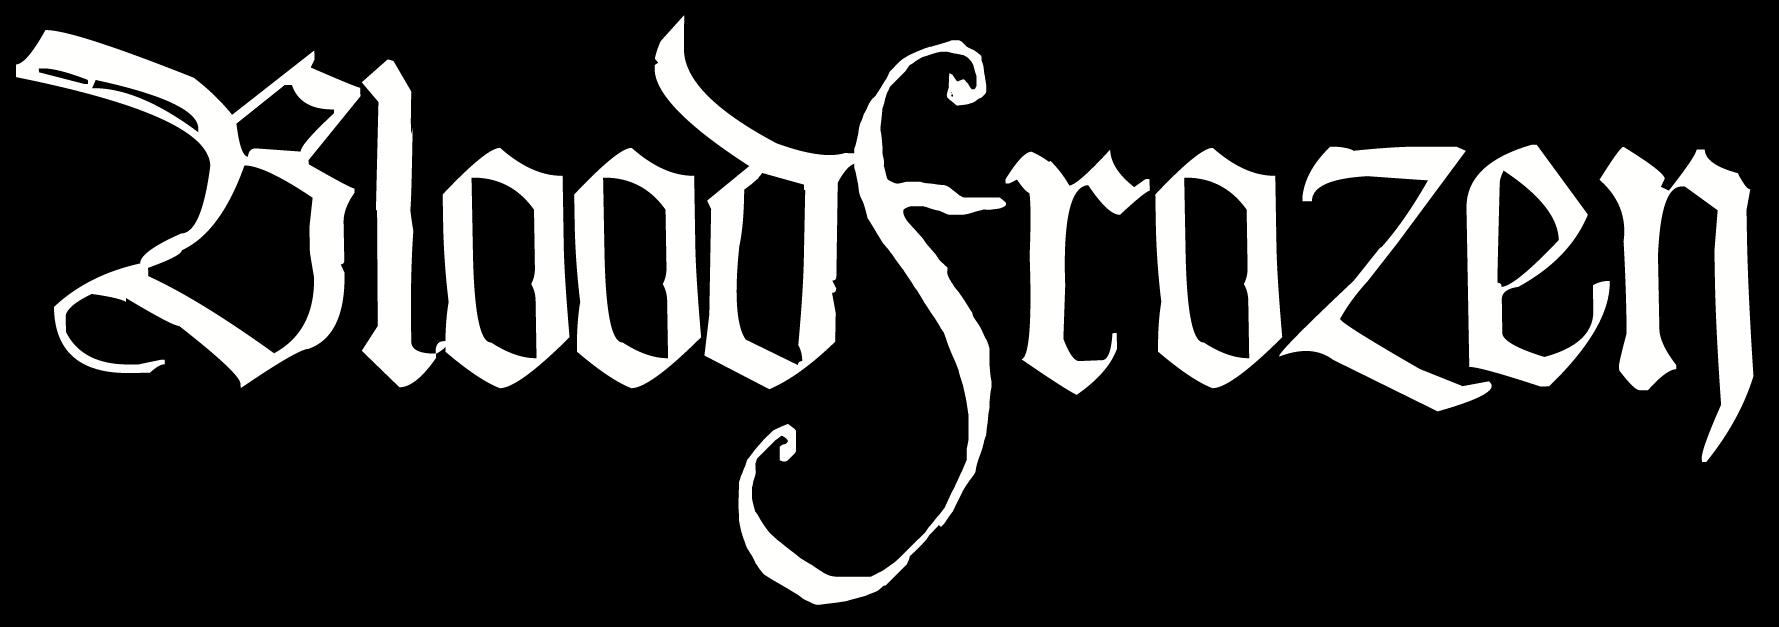 Bloodfrozen - Logo